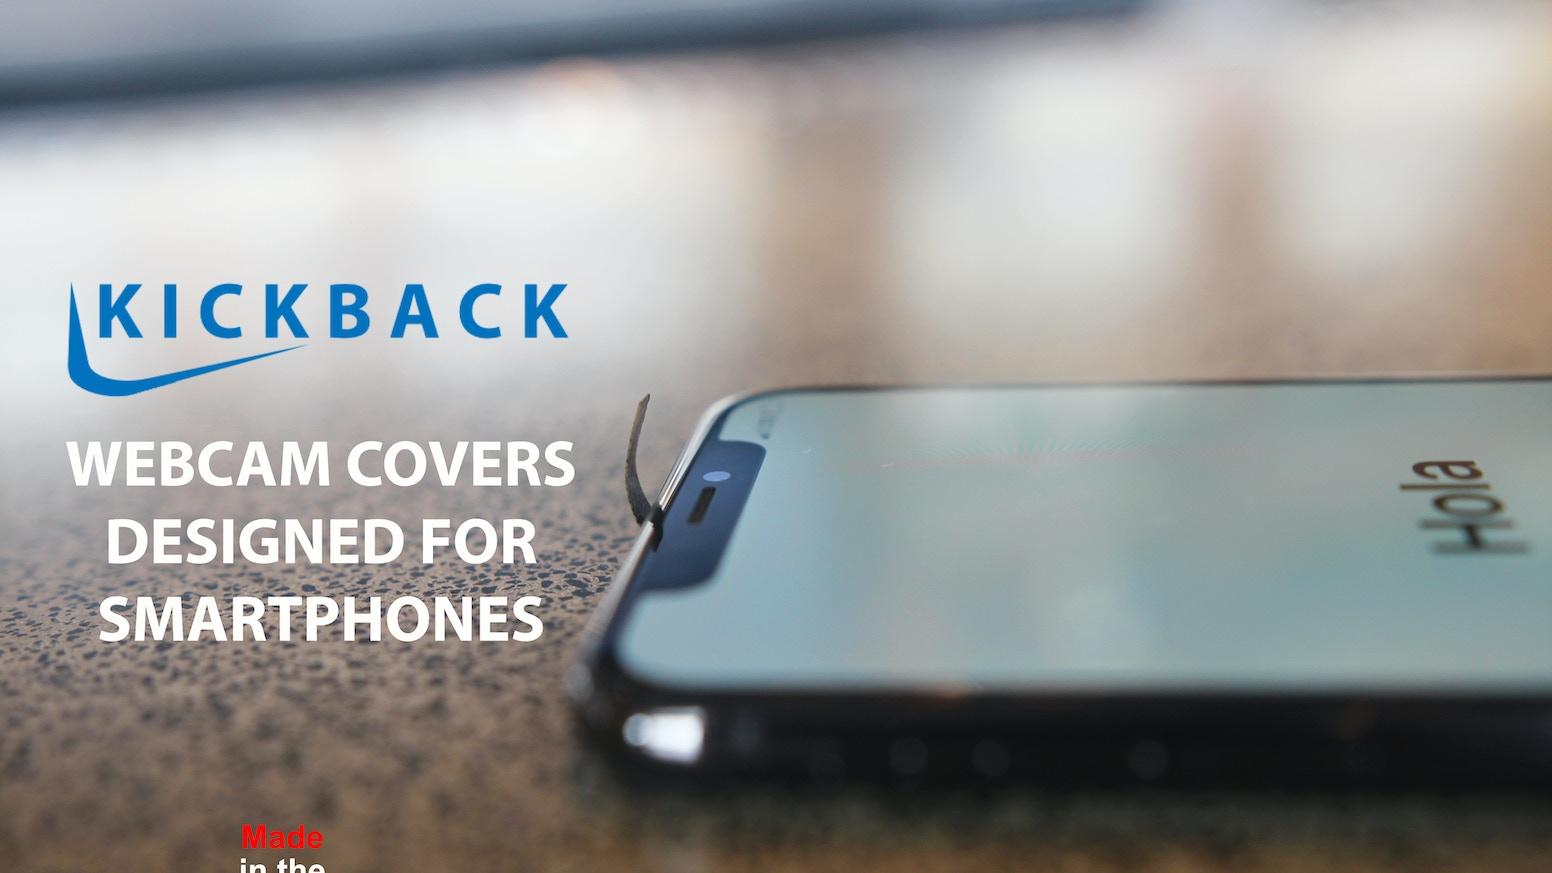 low priced 6ab3e 5fa50 Kickback - Webcam Covers Designed for Smartphones. by DesignLite ...